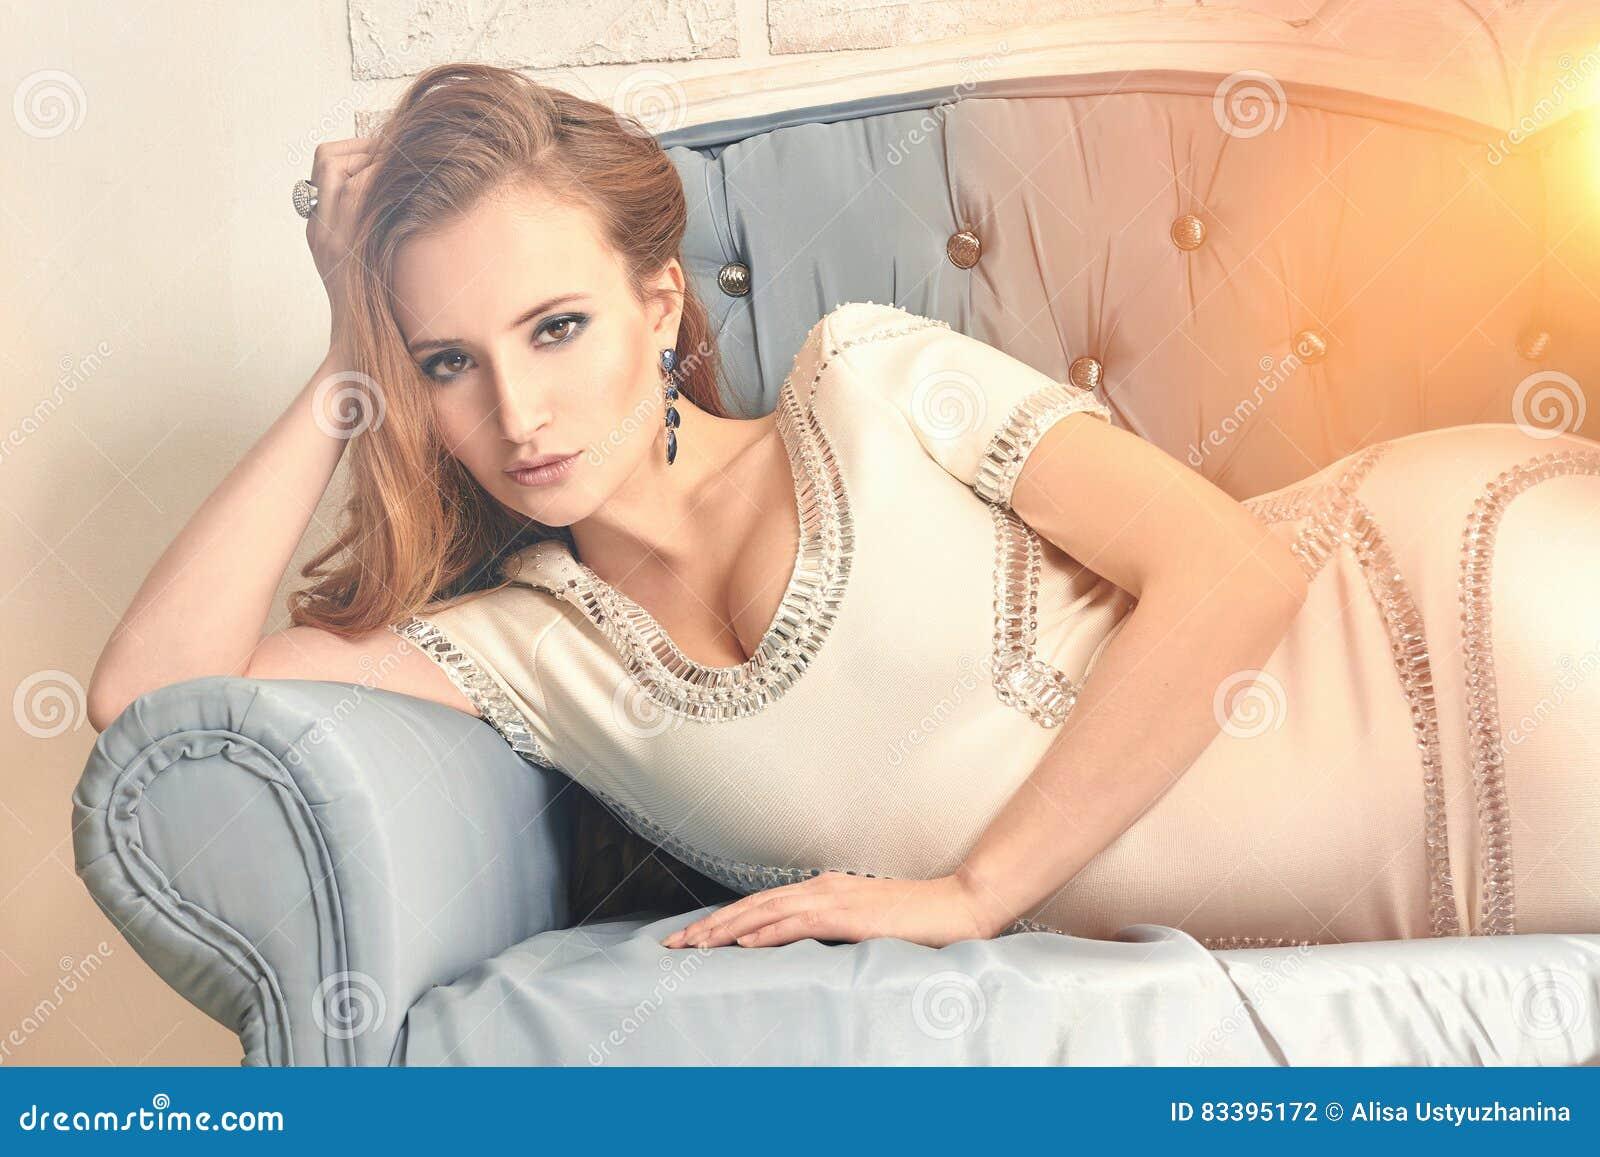 Тайком девушку красивая девушка в кресле фото юбкой звезд япошек